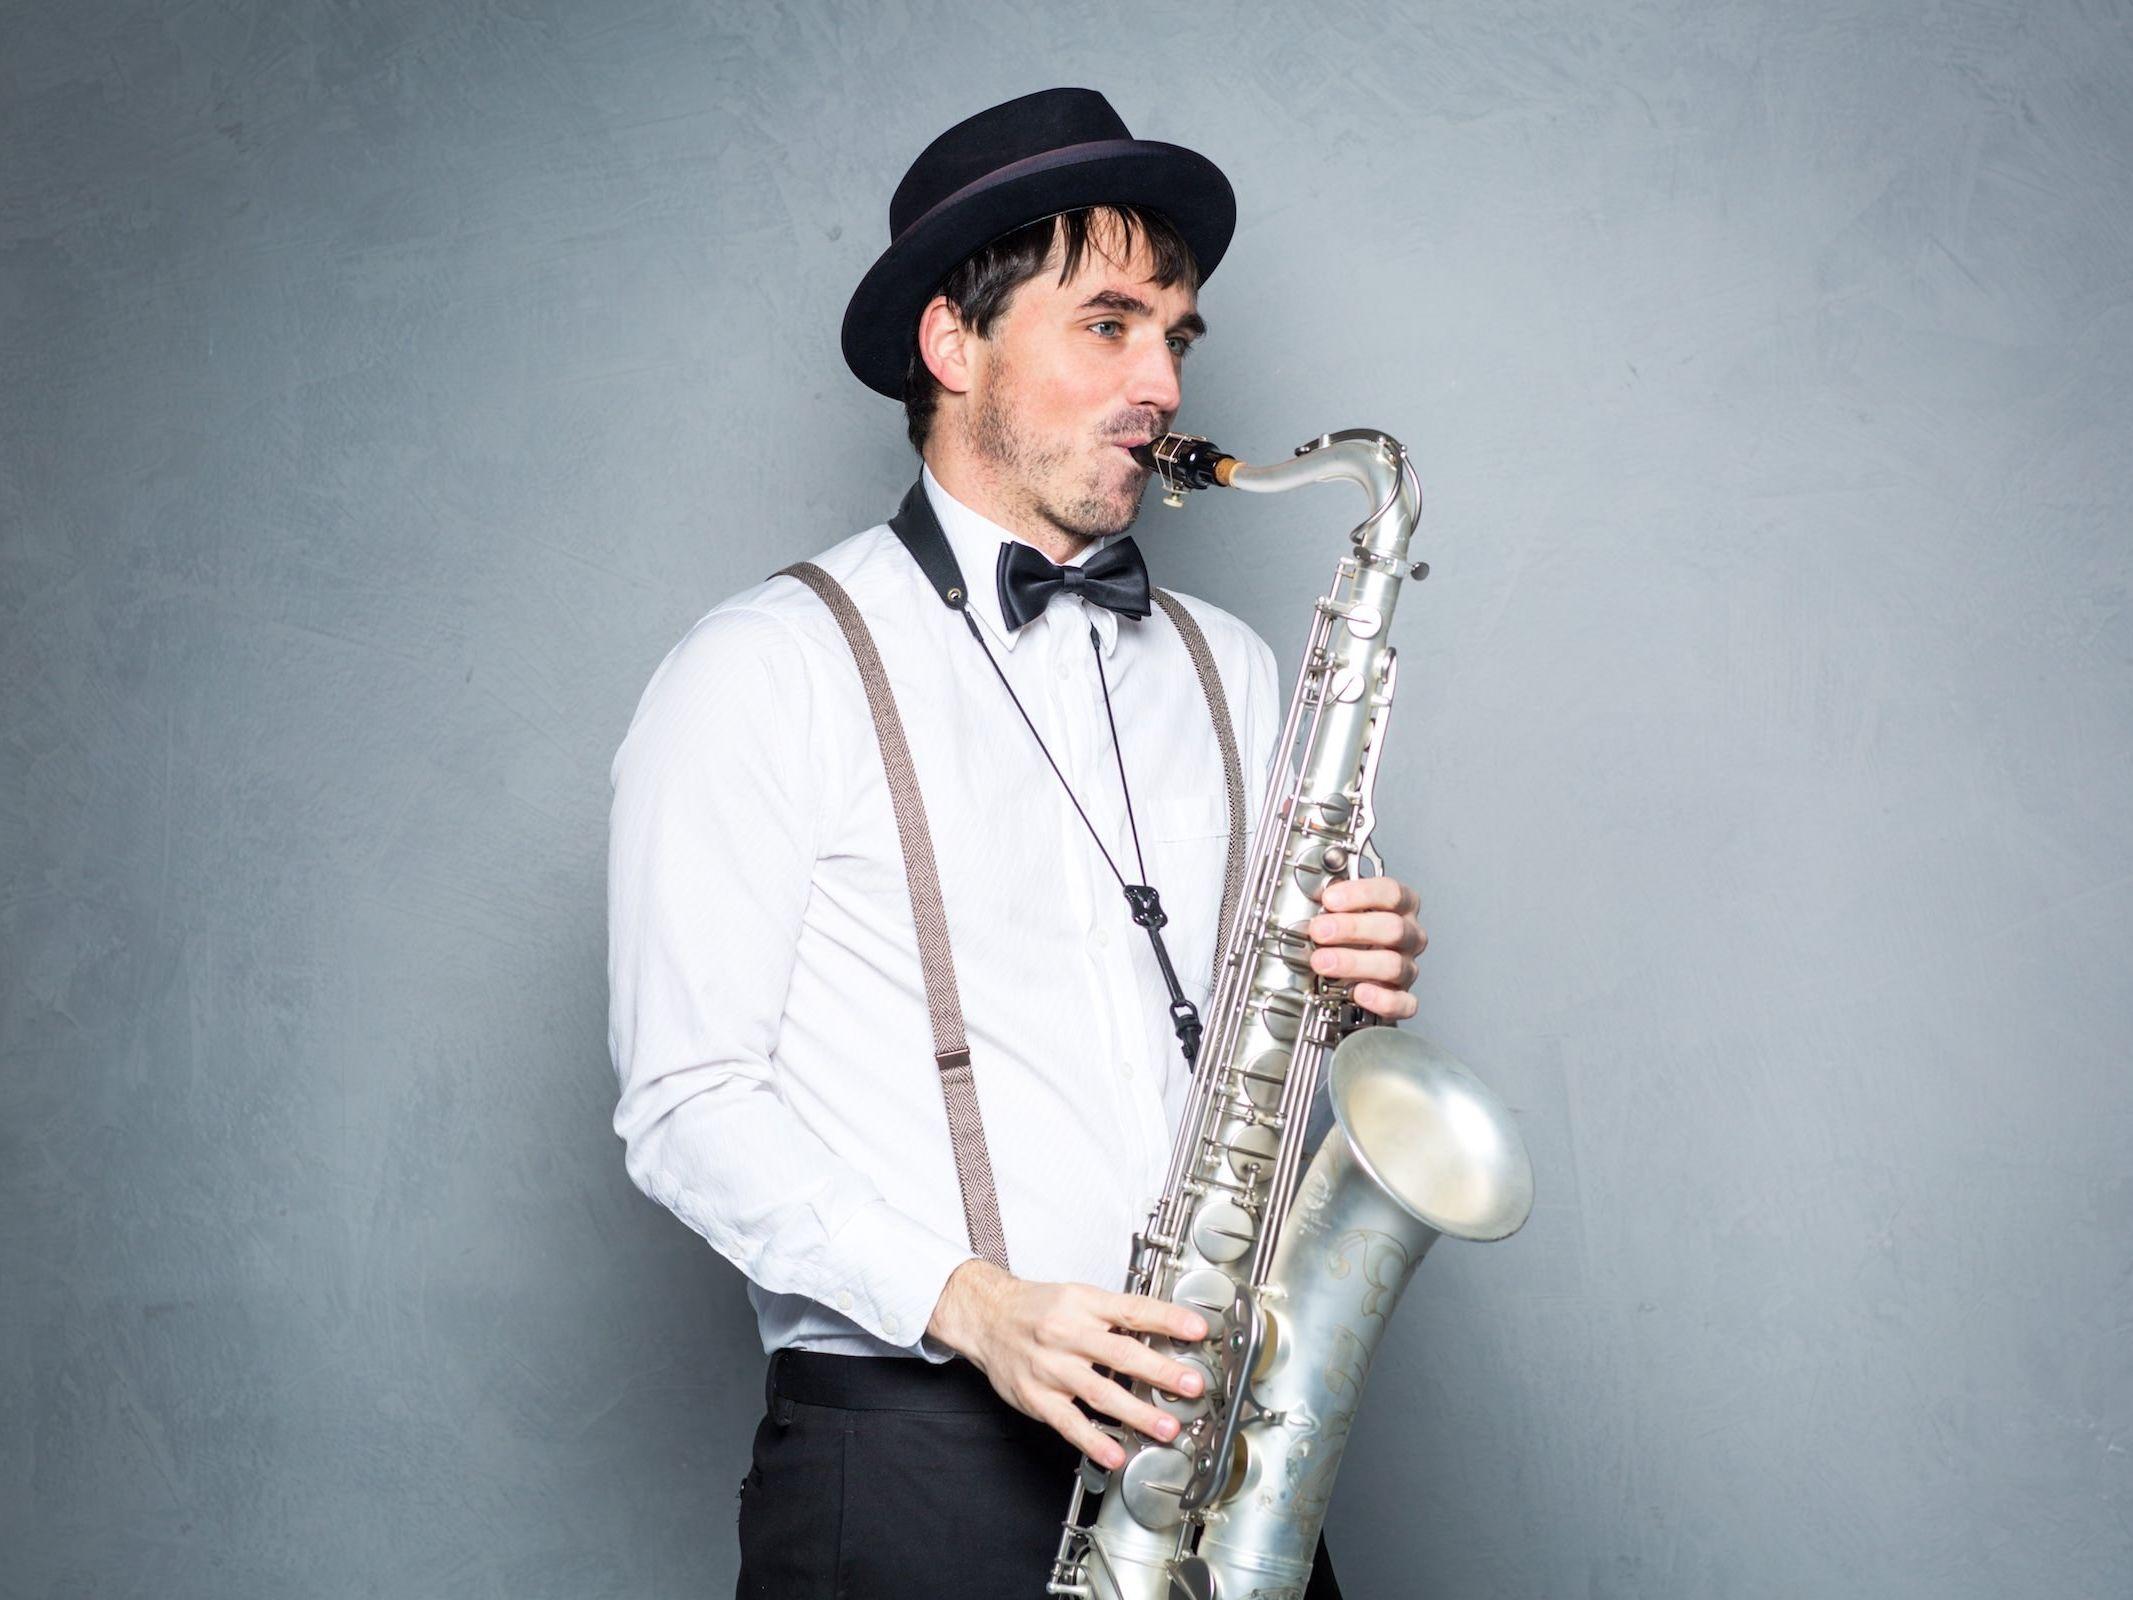 Saxophonist | Hannover | Hochzeit | Liveband | Livemusik | Partyband | Schlagzeug | Saxophone | Jazzband | Swingband | Party | DJ | Pop | Jazz | Hochzeit | Sektempfang | Messe | Firmenfeier | Gala | Buchen | Mieten | Anfragen